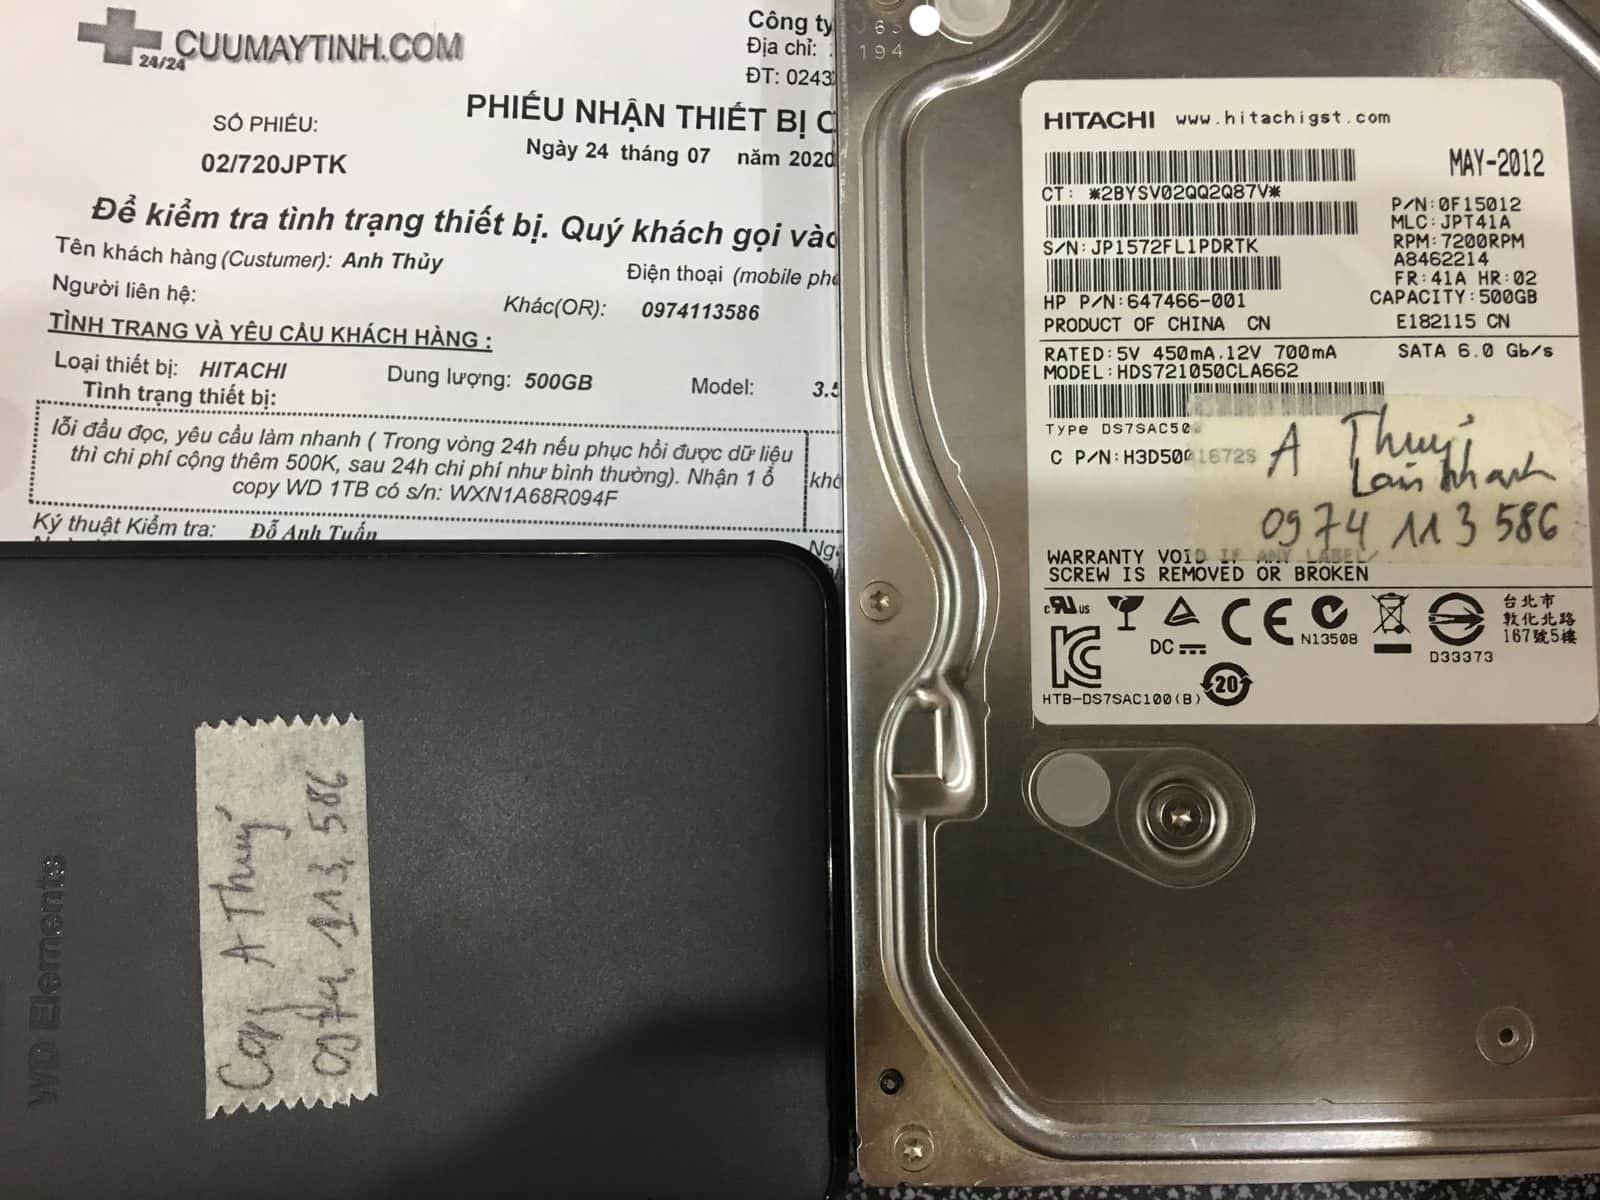 Cứu dữ liệu ổ cứng Hitachi 500GB lỗi đầu đọc 24/07/2020 - cuumaytinh